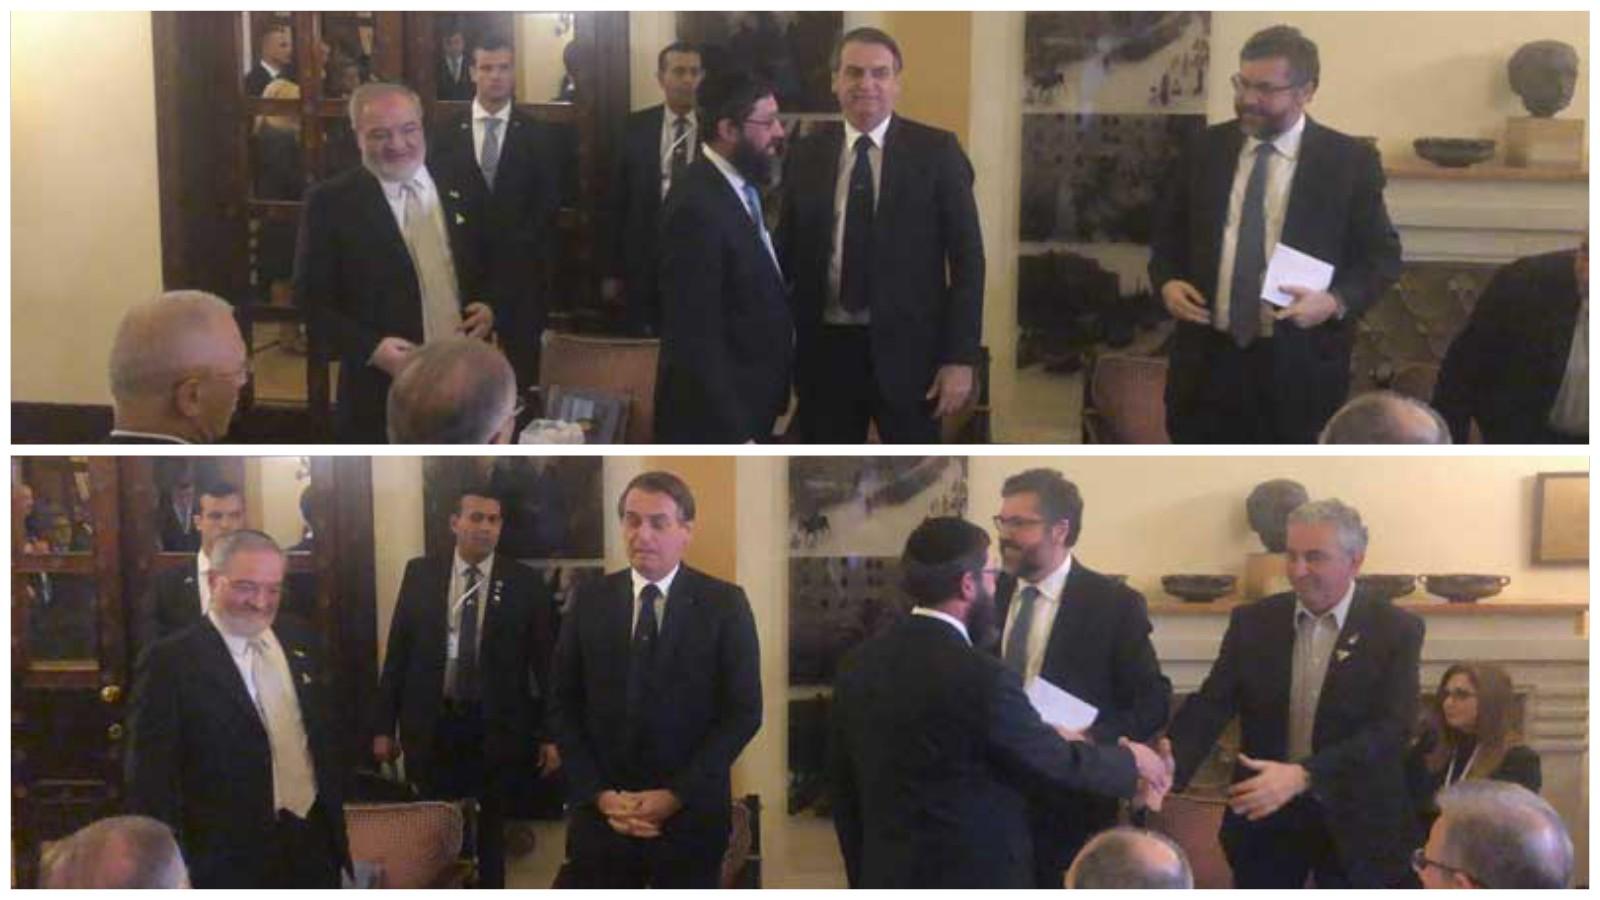 נשיא ברזיל עם נציגי קהילת יהודי ברזיל וראש עיריית רעננה, חיים ברוידא. קרדיט: אנדרה נחמד